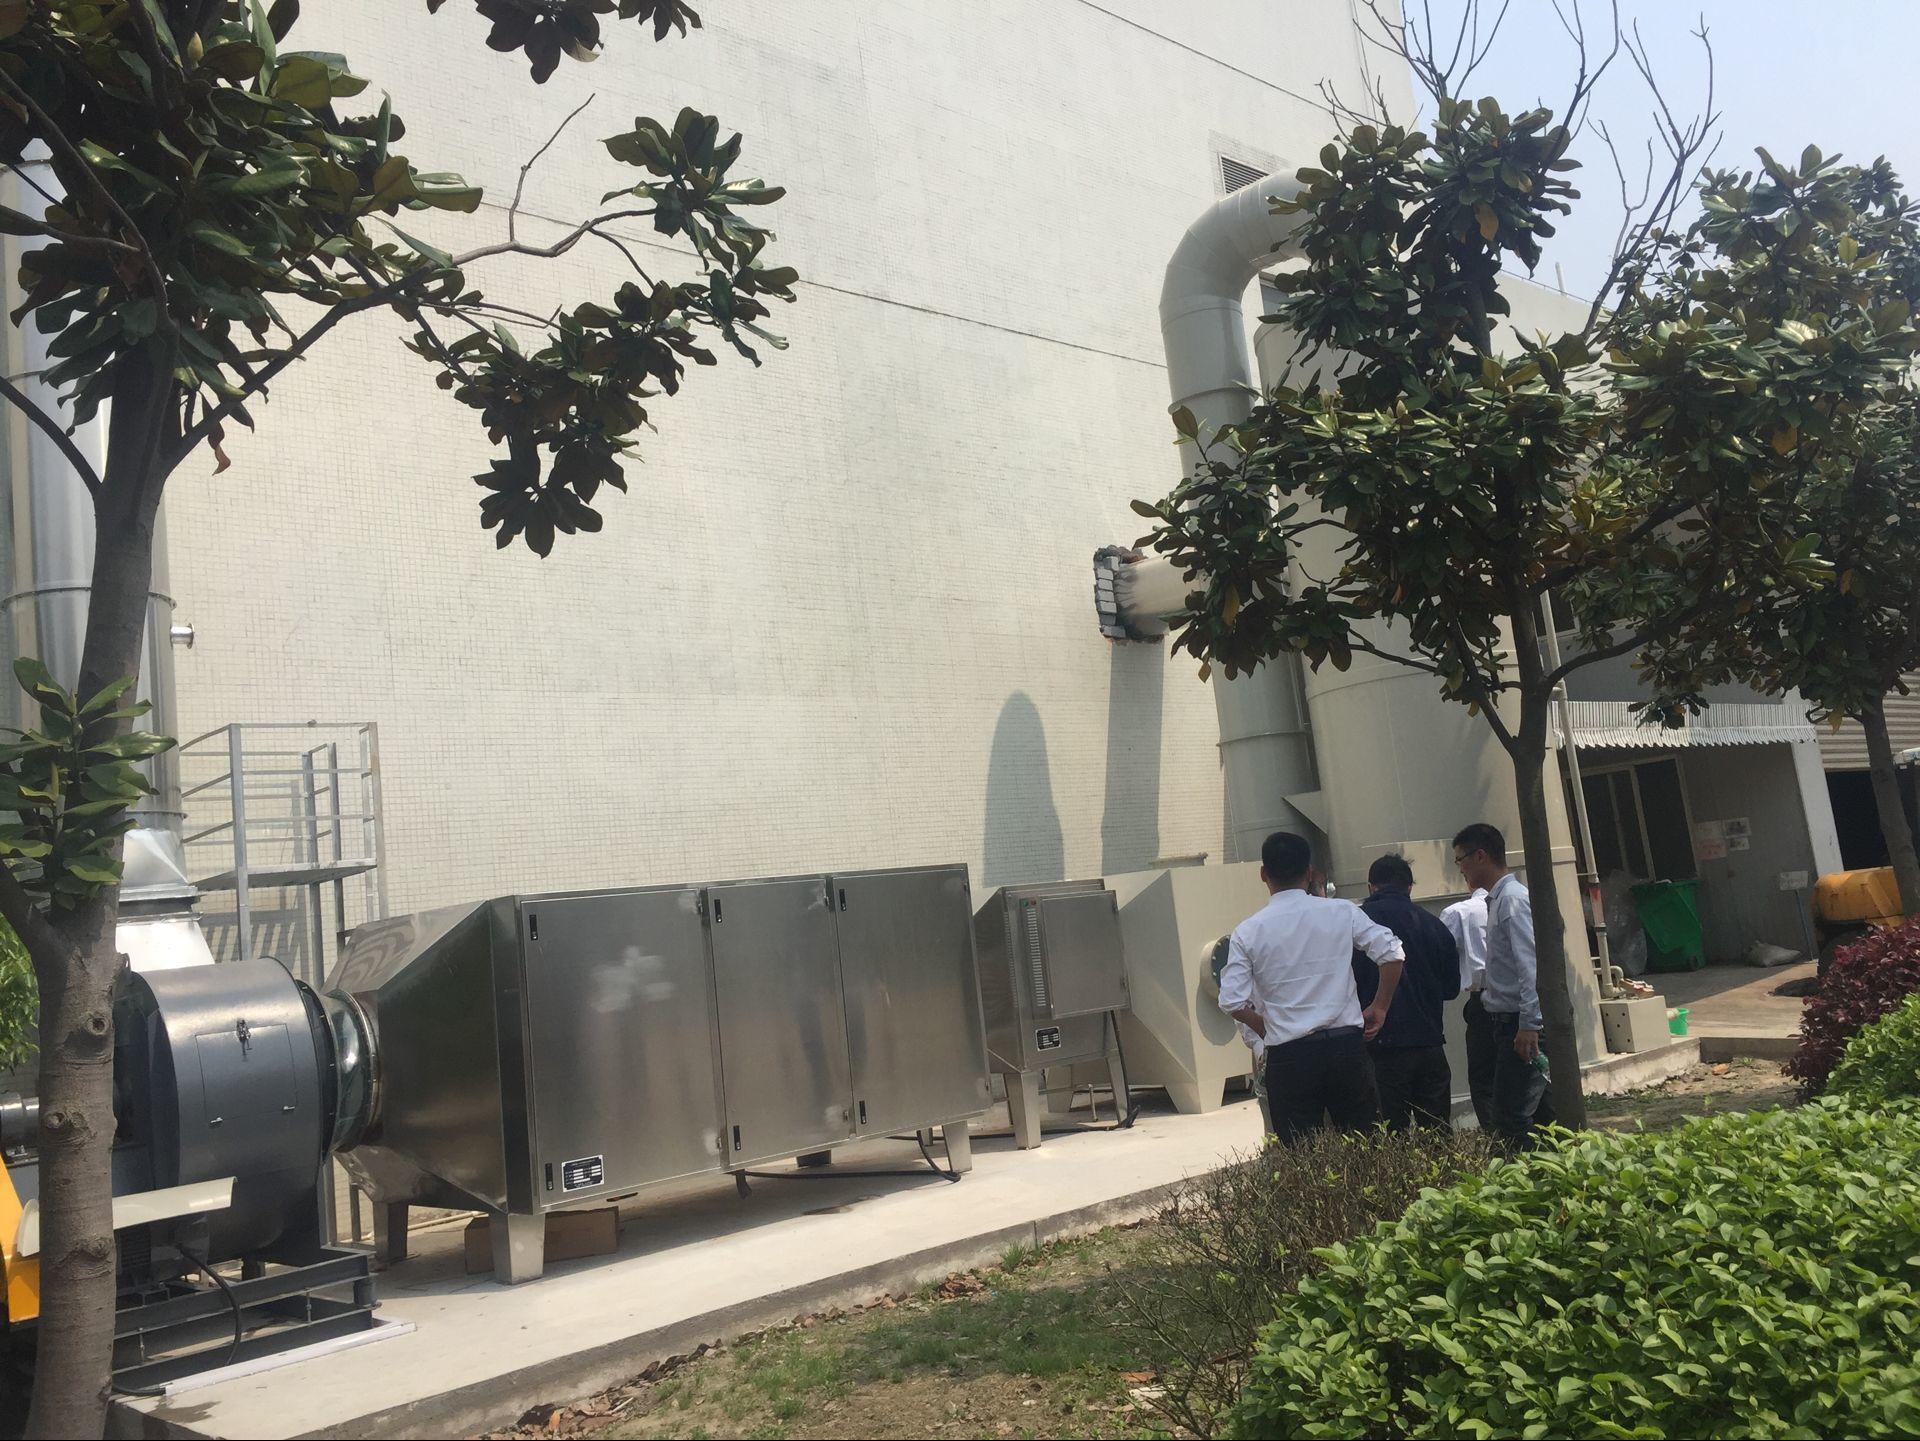 金盘电气集团(上海)有限公司 (4).png